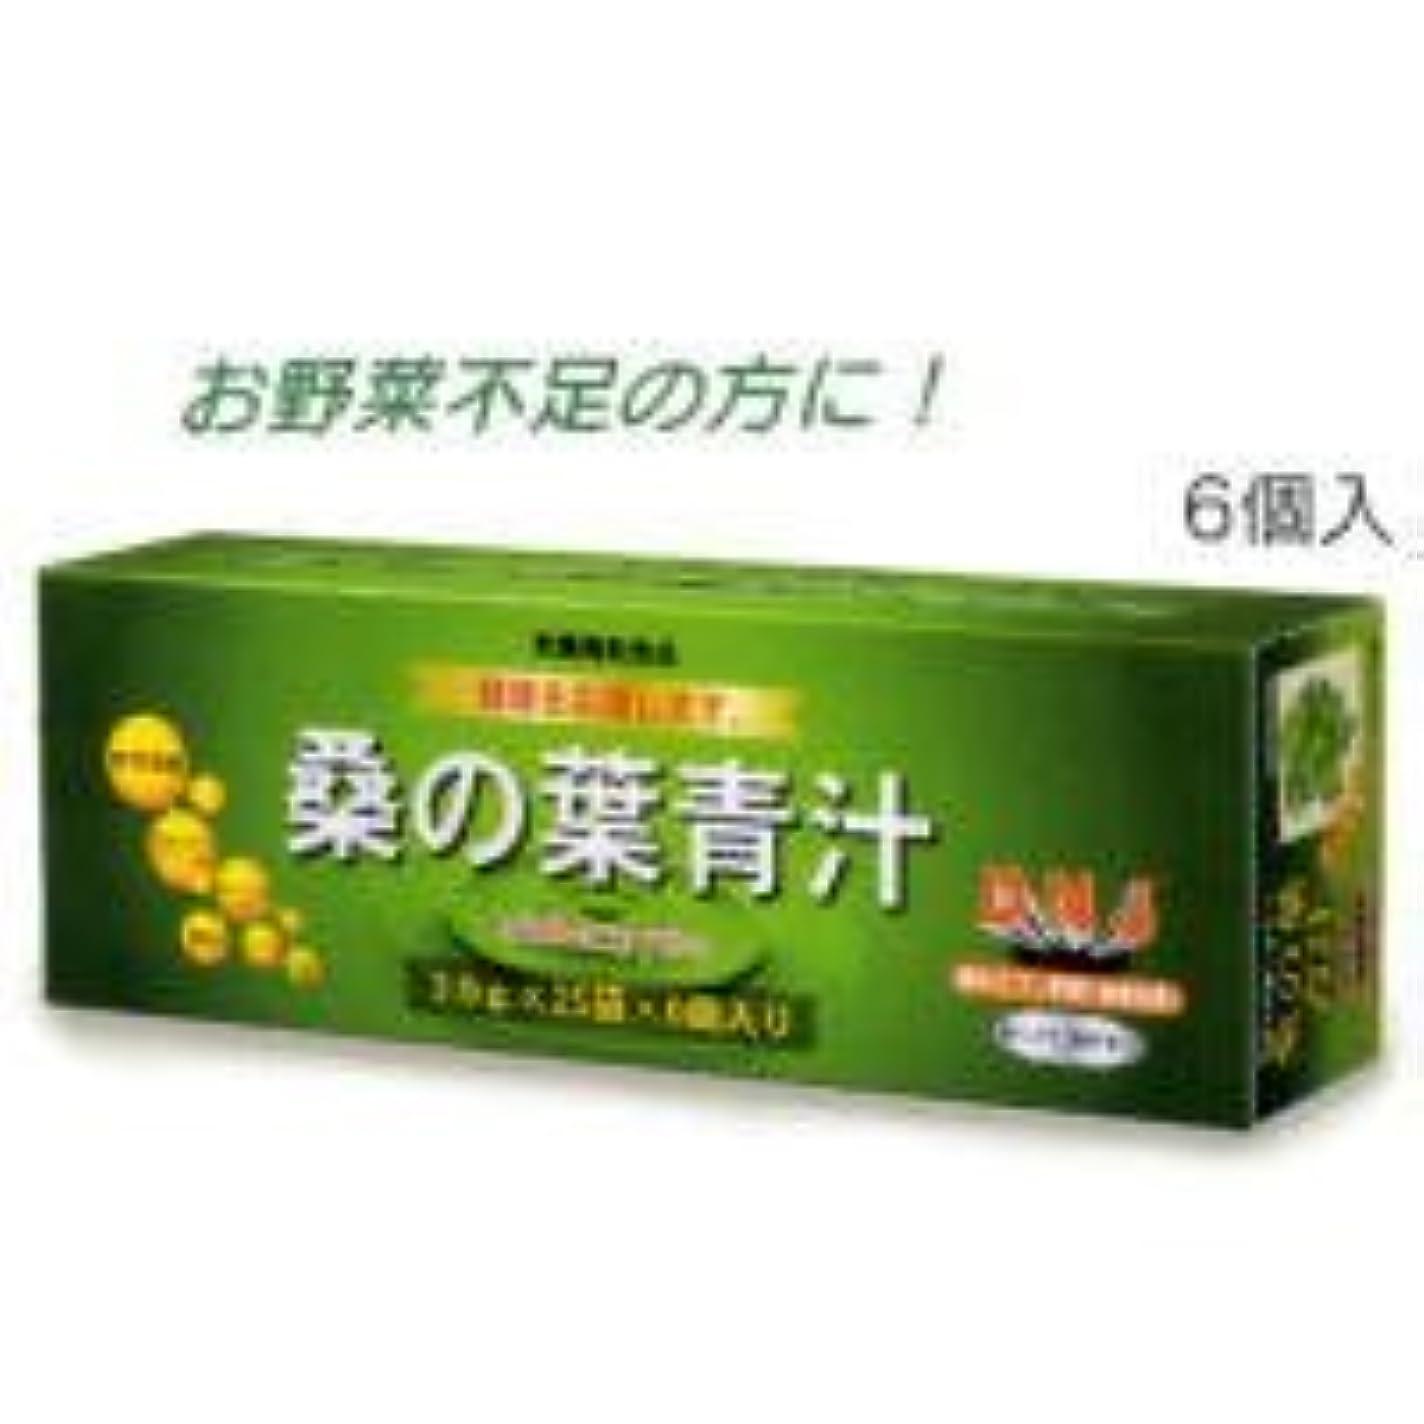 意味するそうでなければいたずらな桑の葉青汁 6個入り